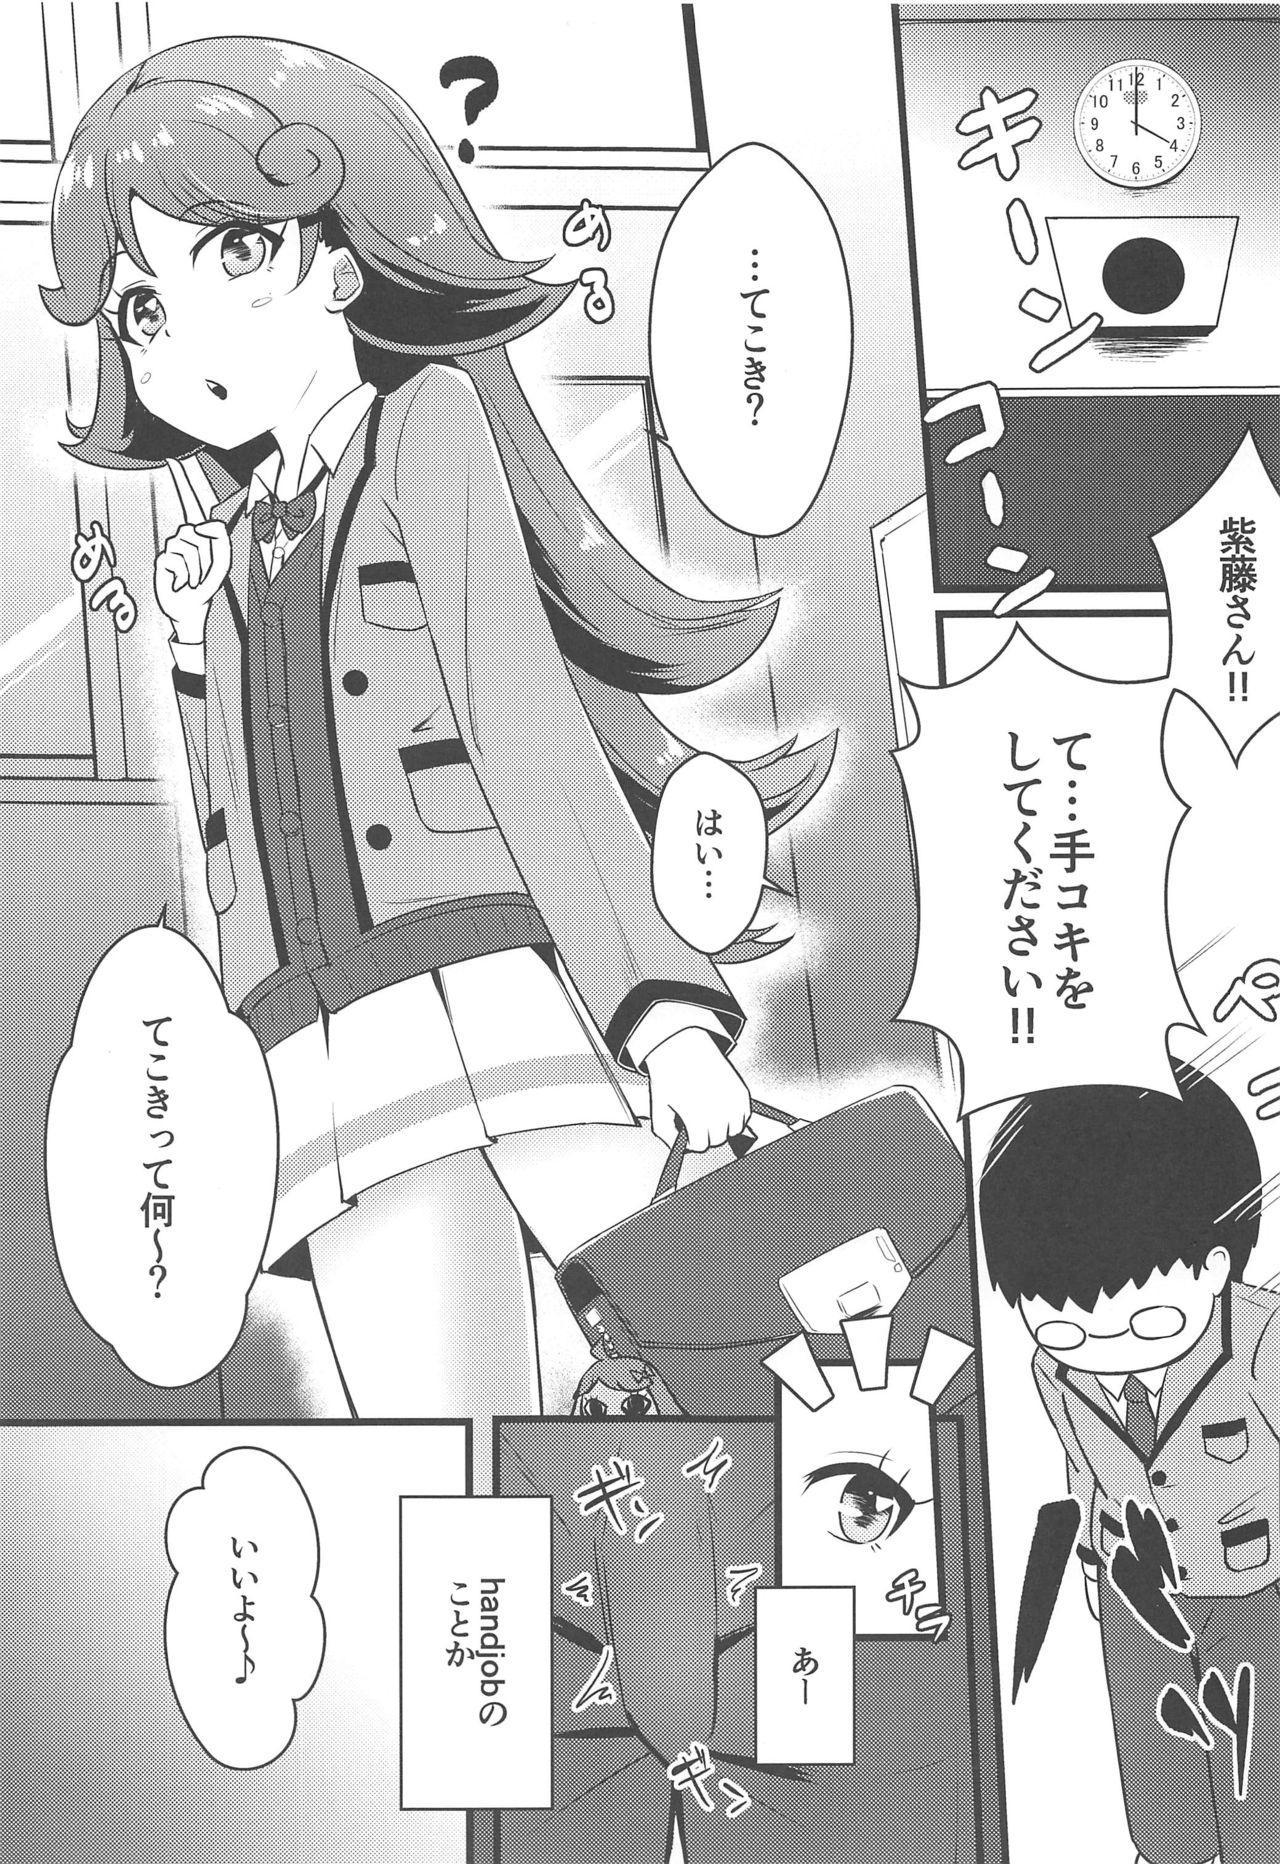 Classmate no Shiou-san ni Tanomikonde Ecchi na Koto o Shite Morau Hon + C97 Rakugaki Omake Hon 1